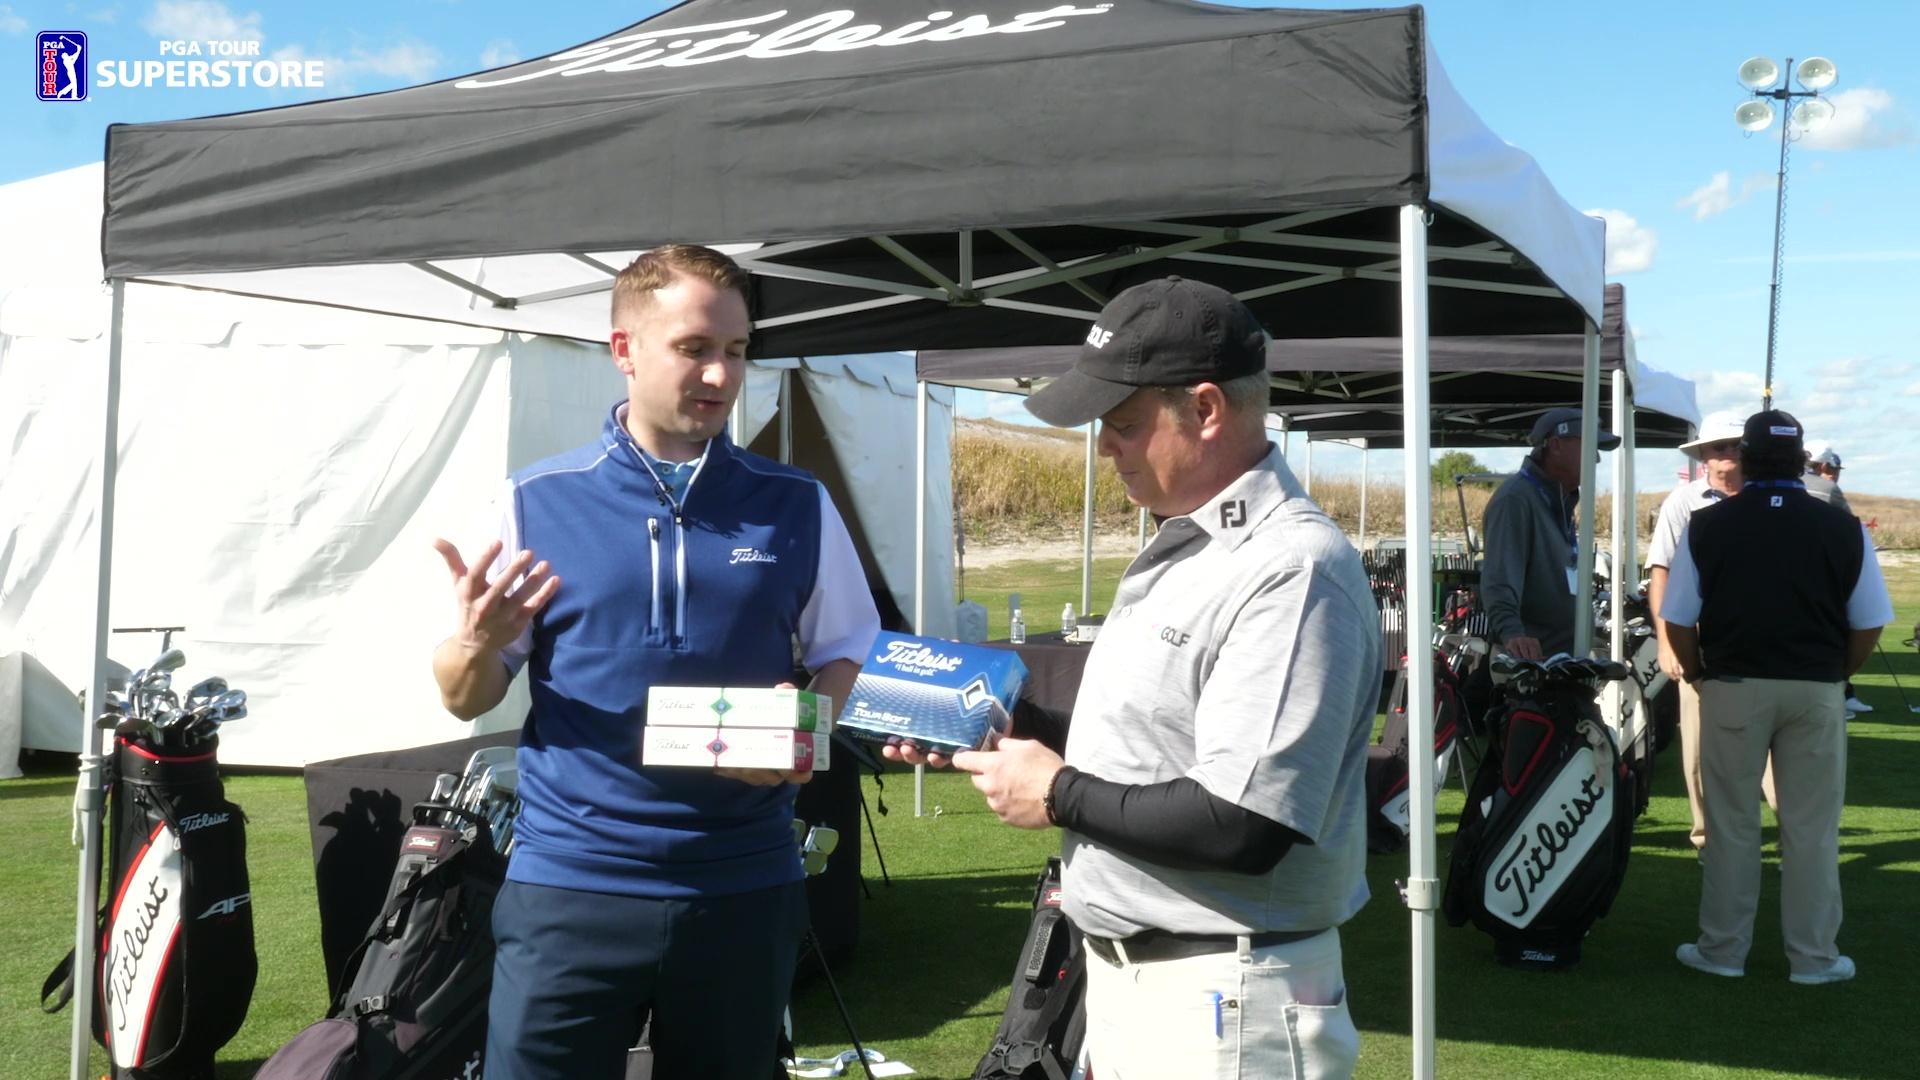 Pga tour superstore world amateur golf